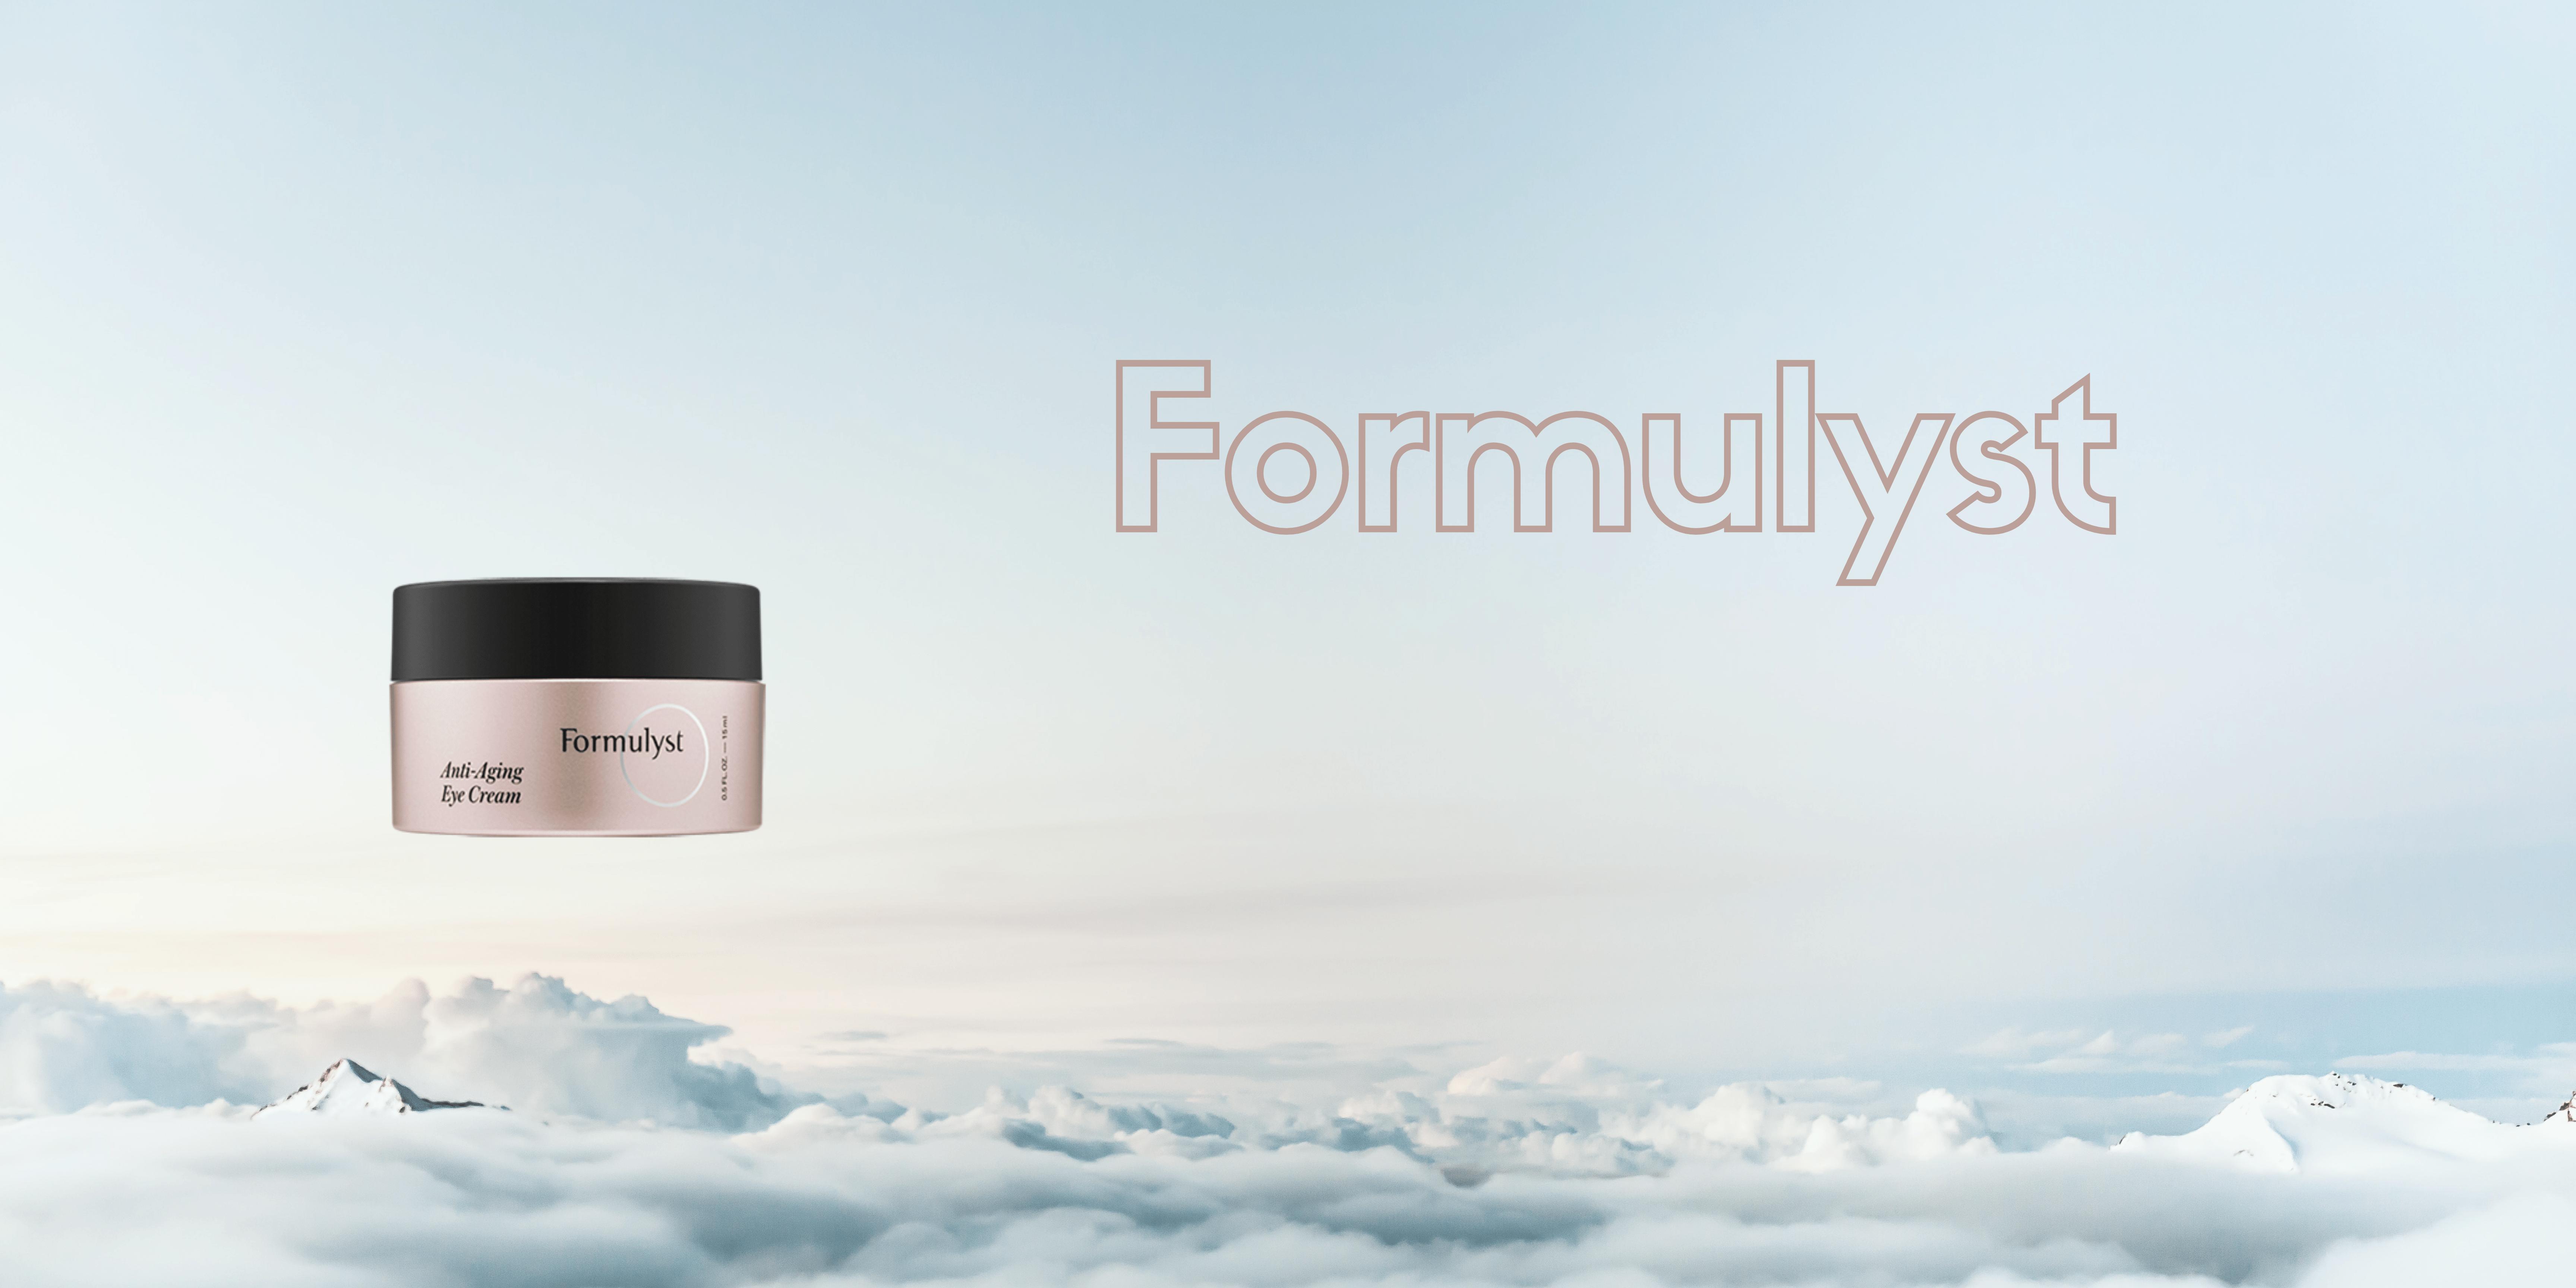 Análisis de los productos de la marca Formulyst